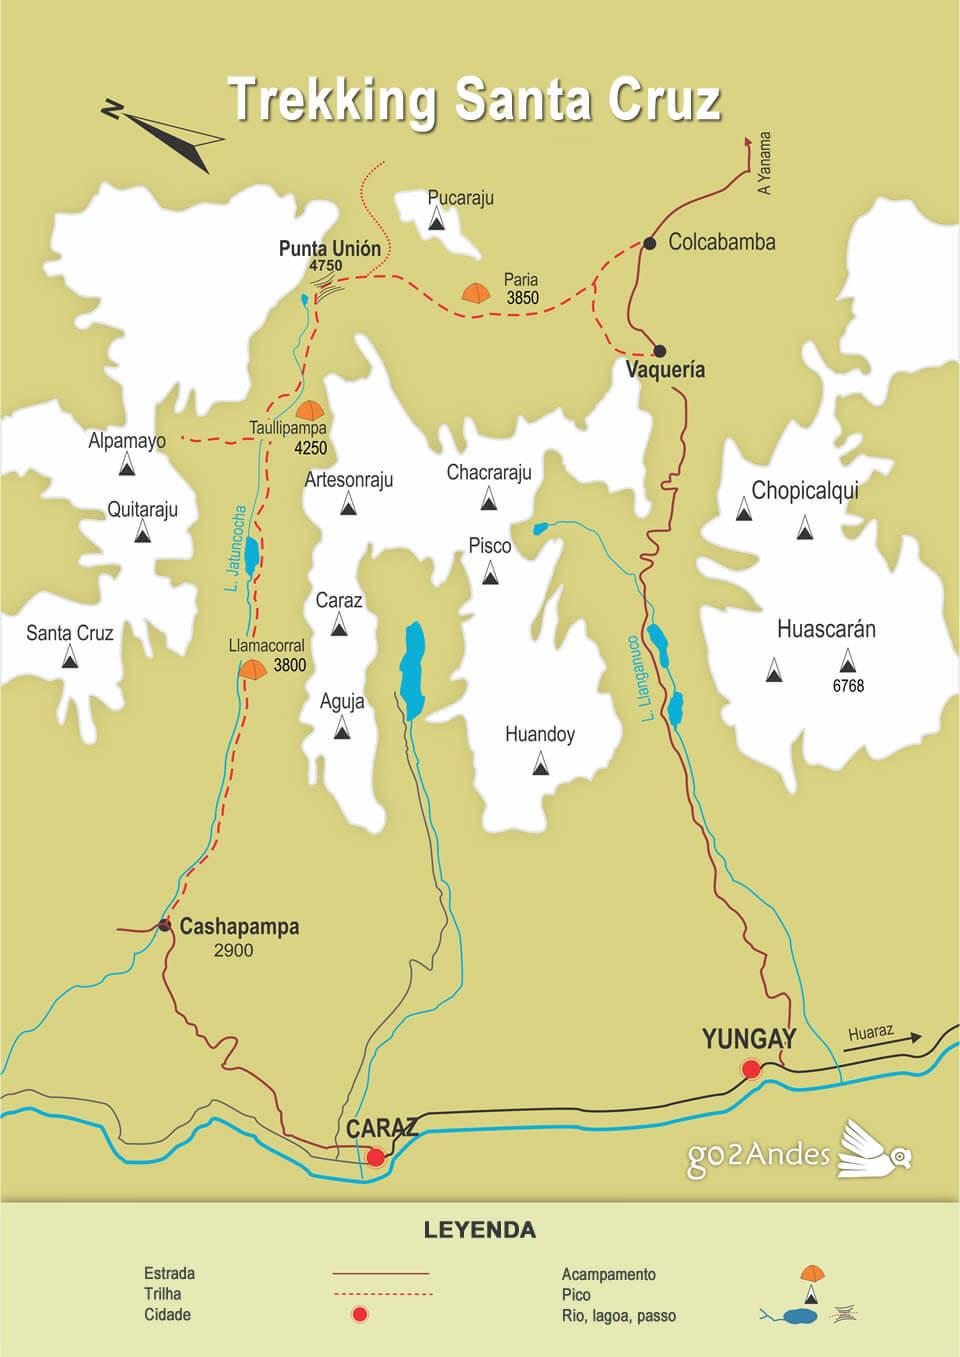 mapa do trekking Santa Cruz